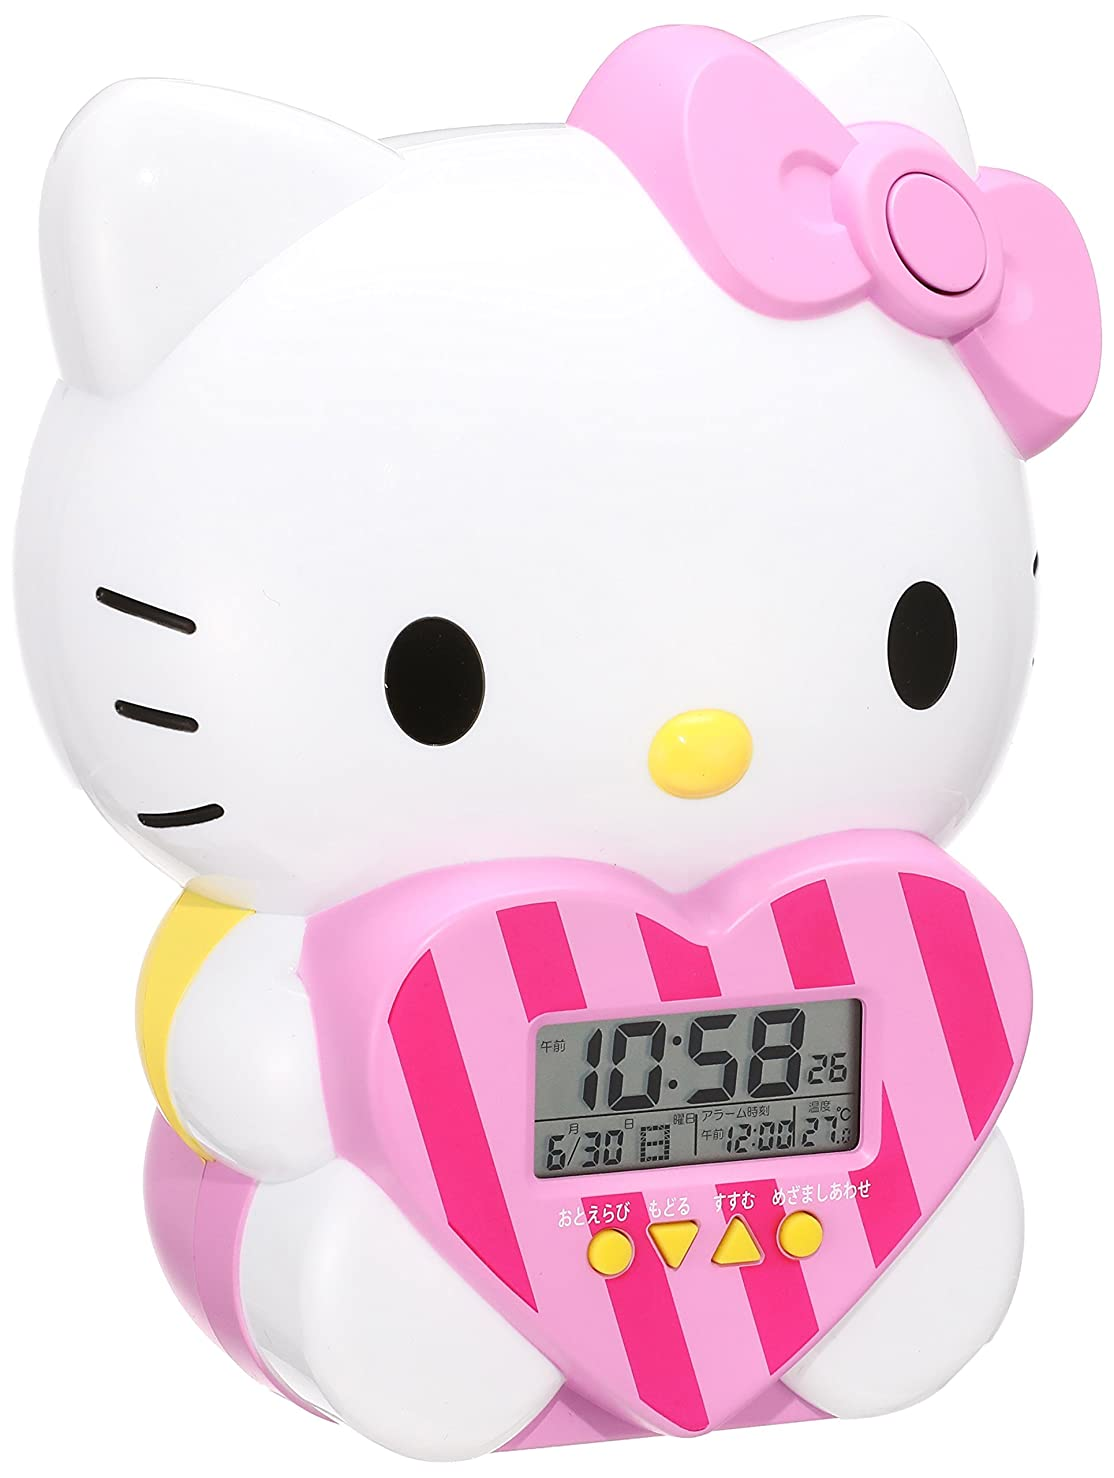 先生ハッチながらセイコー クロック 目覚まし時計 ハローキティ キャラクター型 おしゃべり アラーム デジタル 温度 表示 JF375A SEIKO